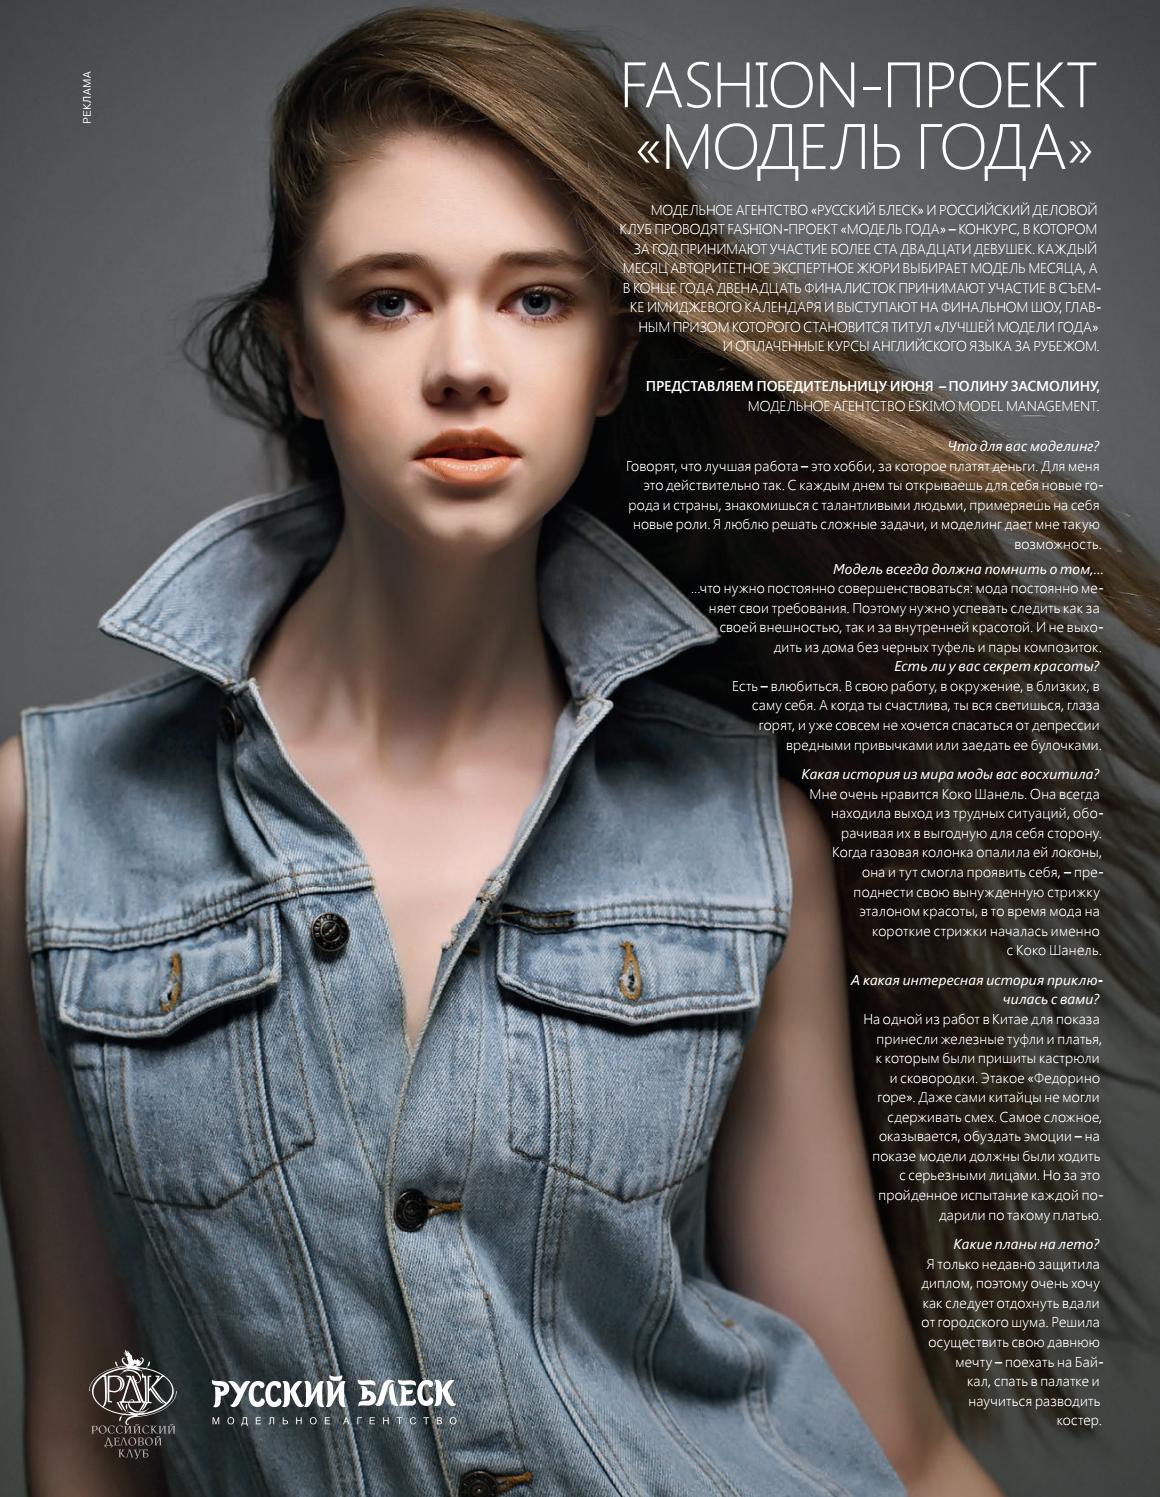 проект девушка модель экспертной работы